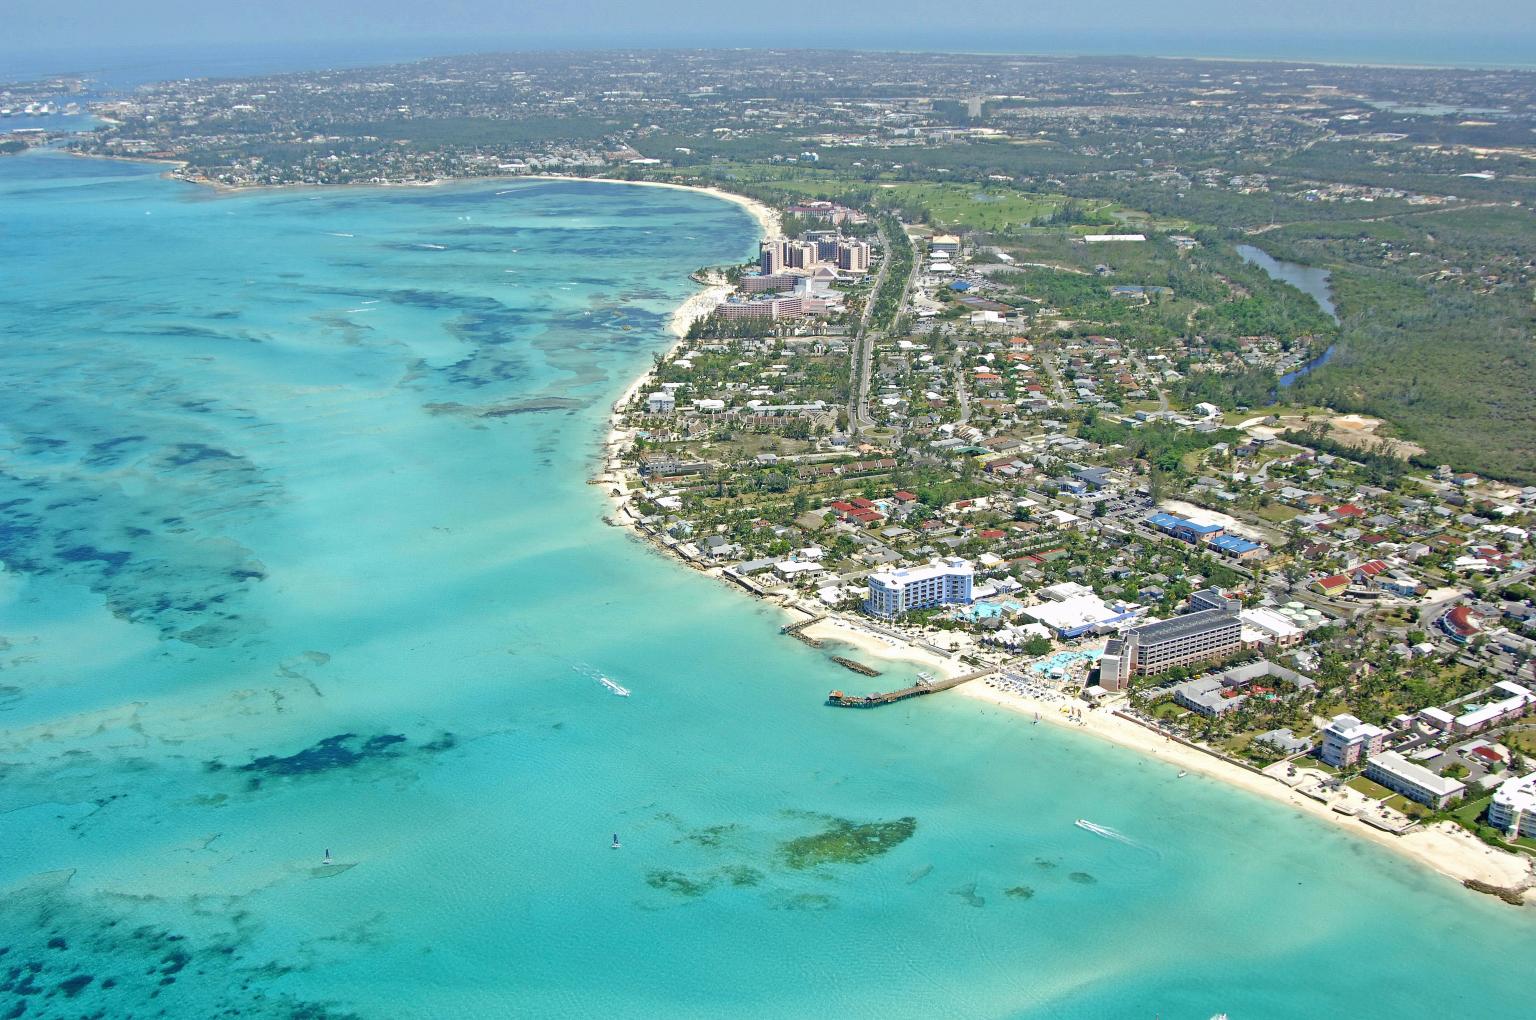 Cable Beach Bahama's